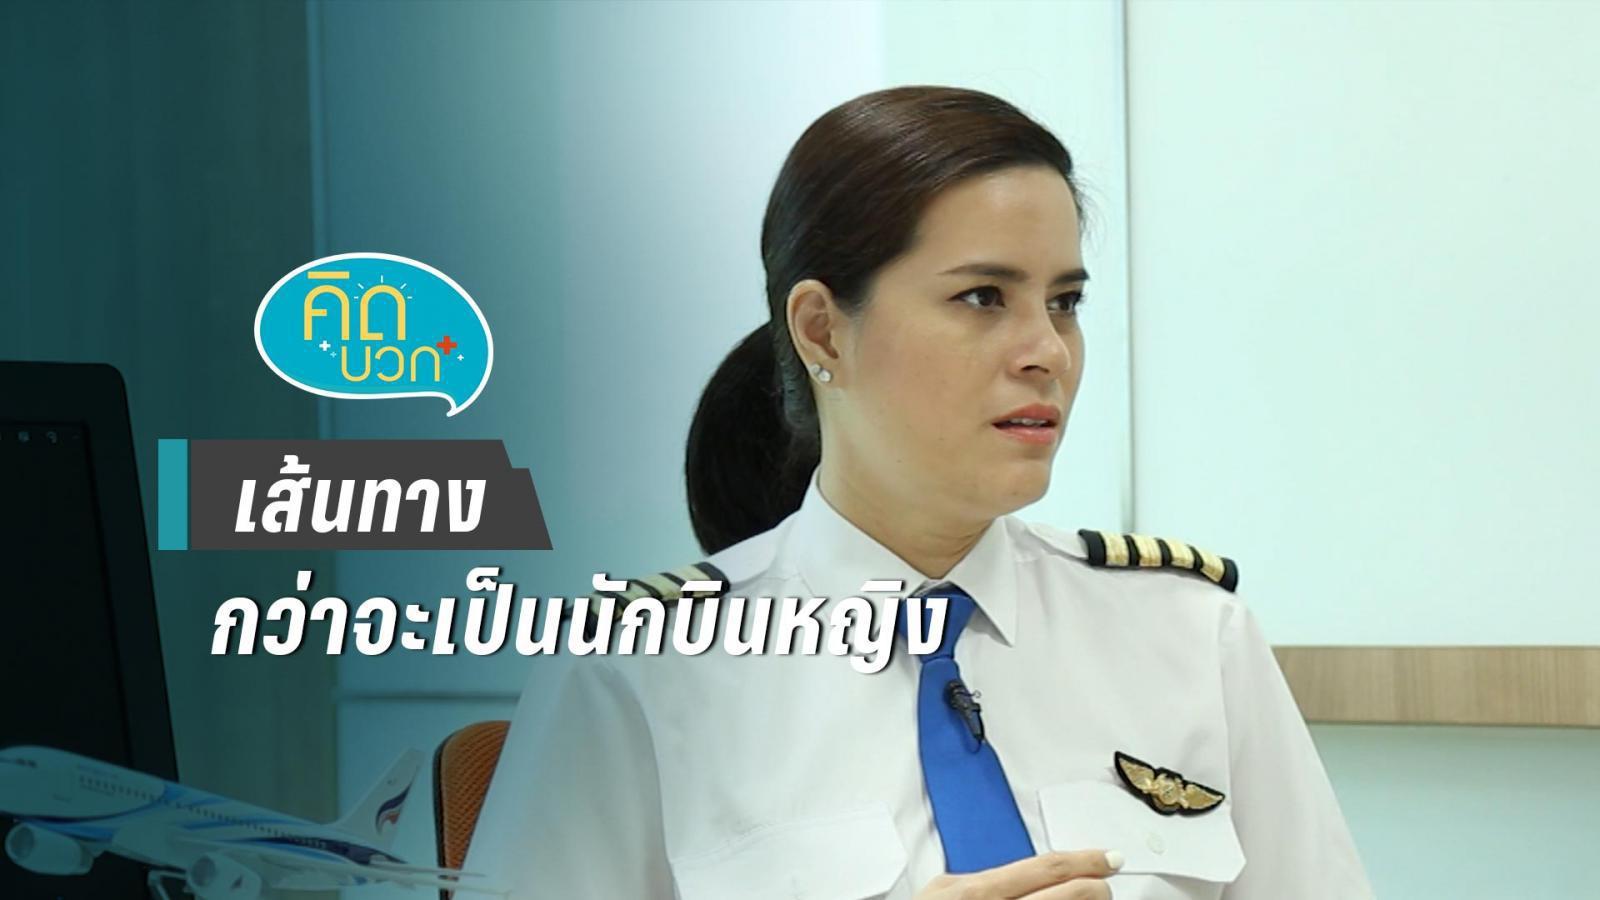 เส้นทางกว่าจะเป็นนักบินหญิง